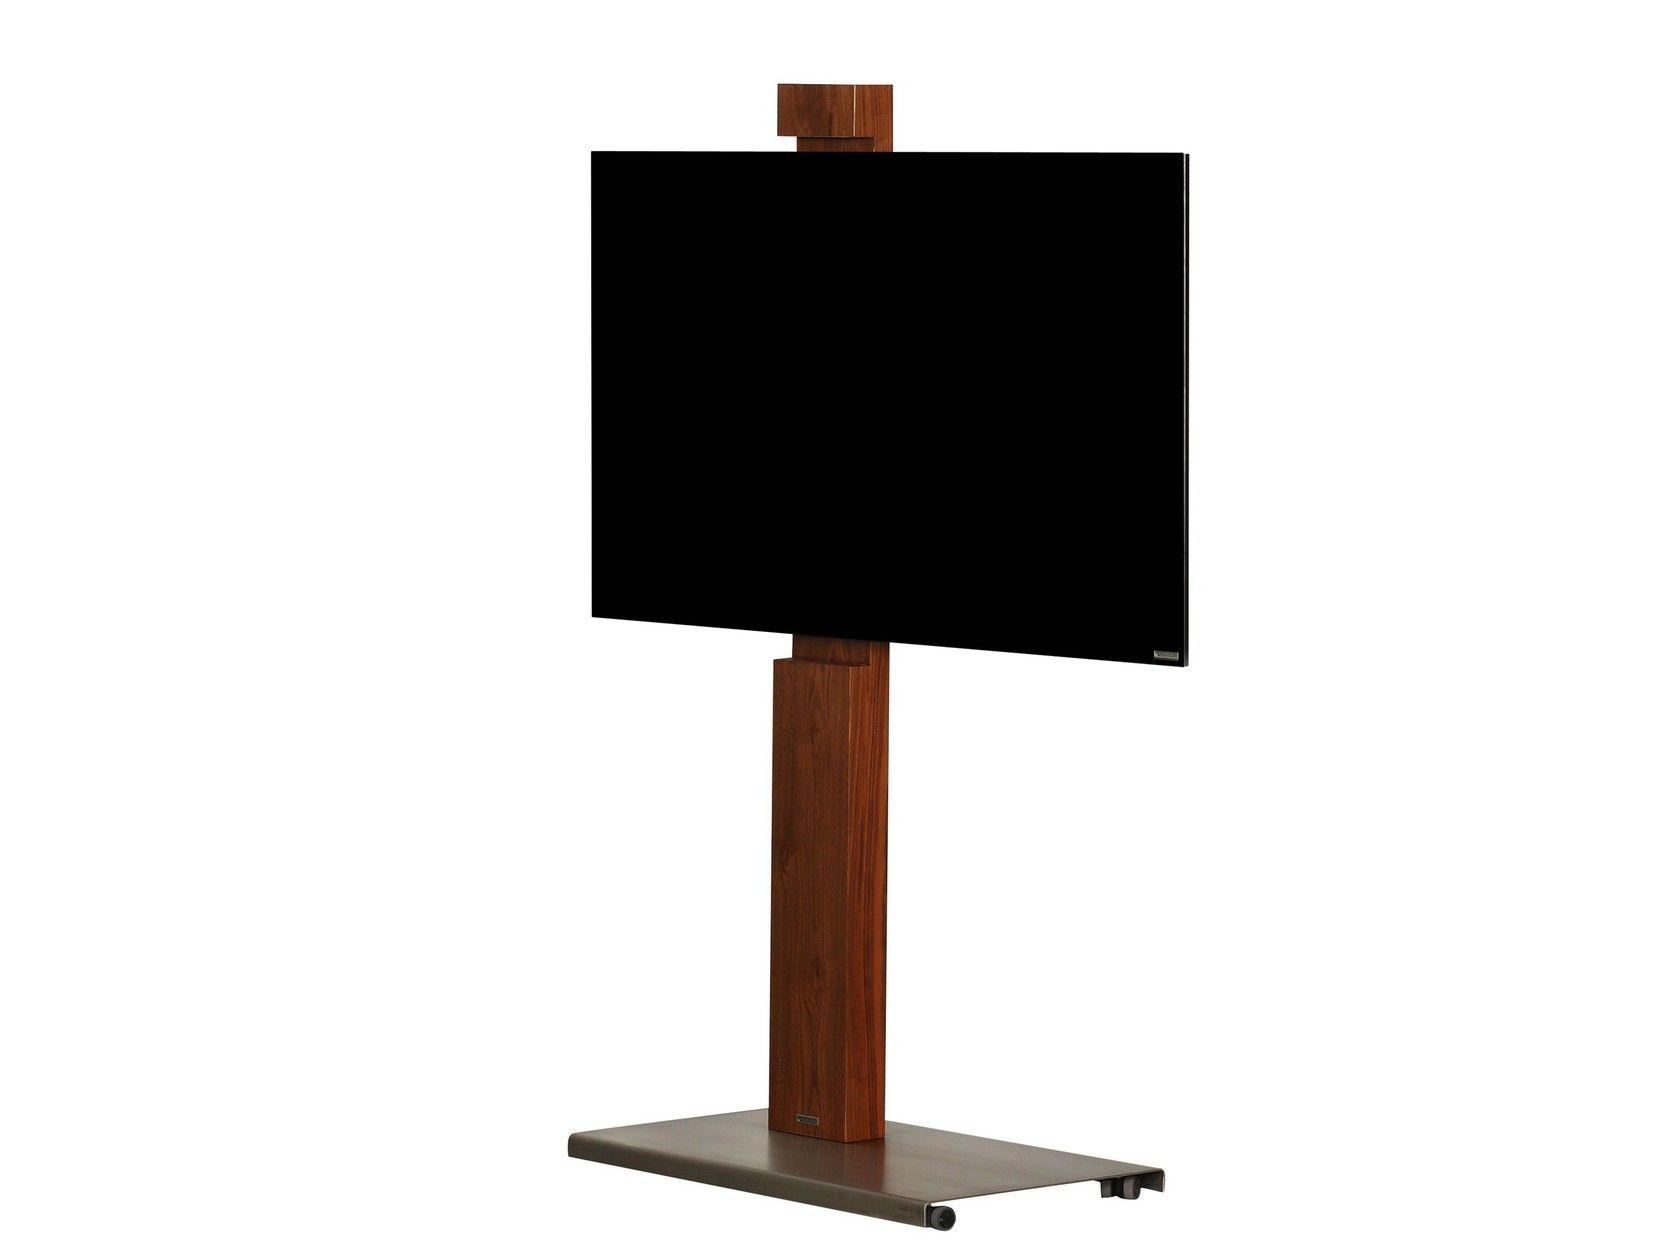 118 h tv cabinet by wissmann raumobjekte design wissmann raumobjekte. Black Bedroom Furniture Sets. Home Design Ideas